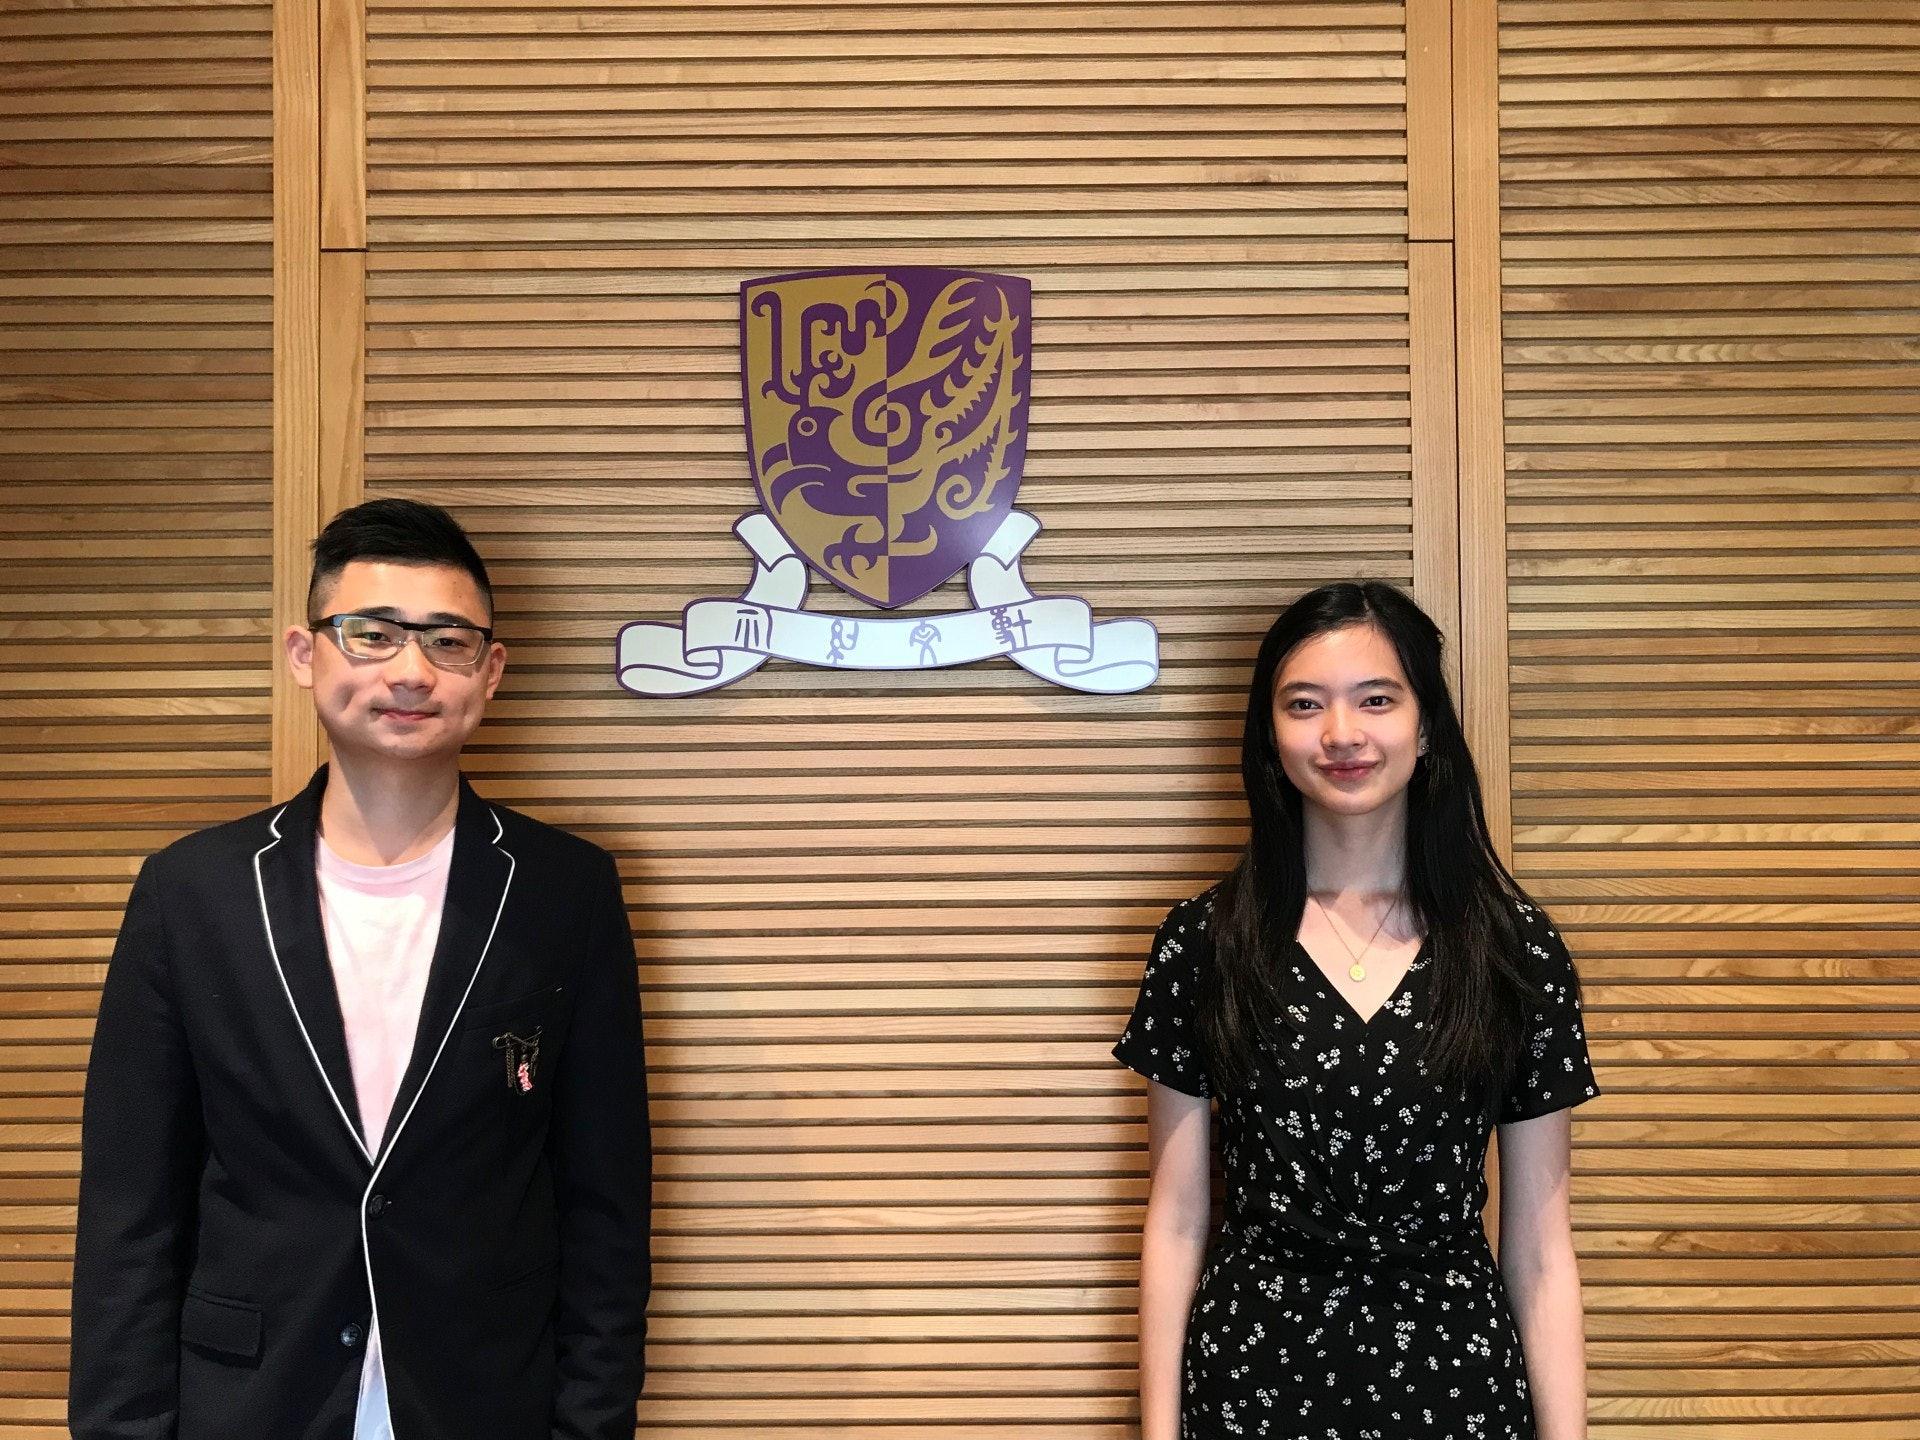 李謙諾(左)及鄧樂賢(右)均屬匯豐銀行獎學金的得獎者,他們分別會獲發5萬元的獎學金。(鄧穎琳攝)